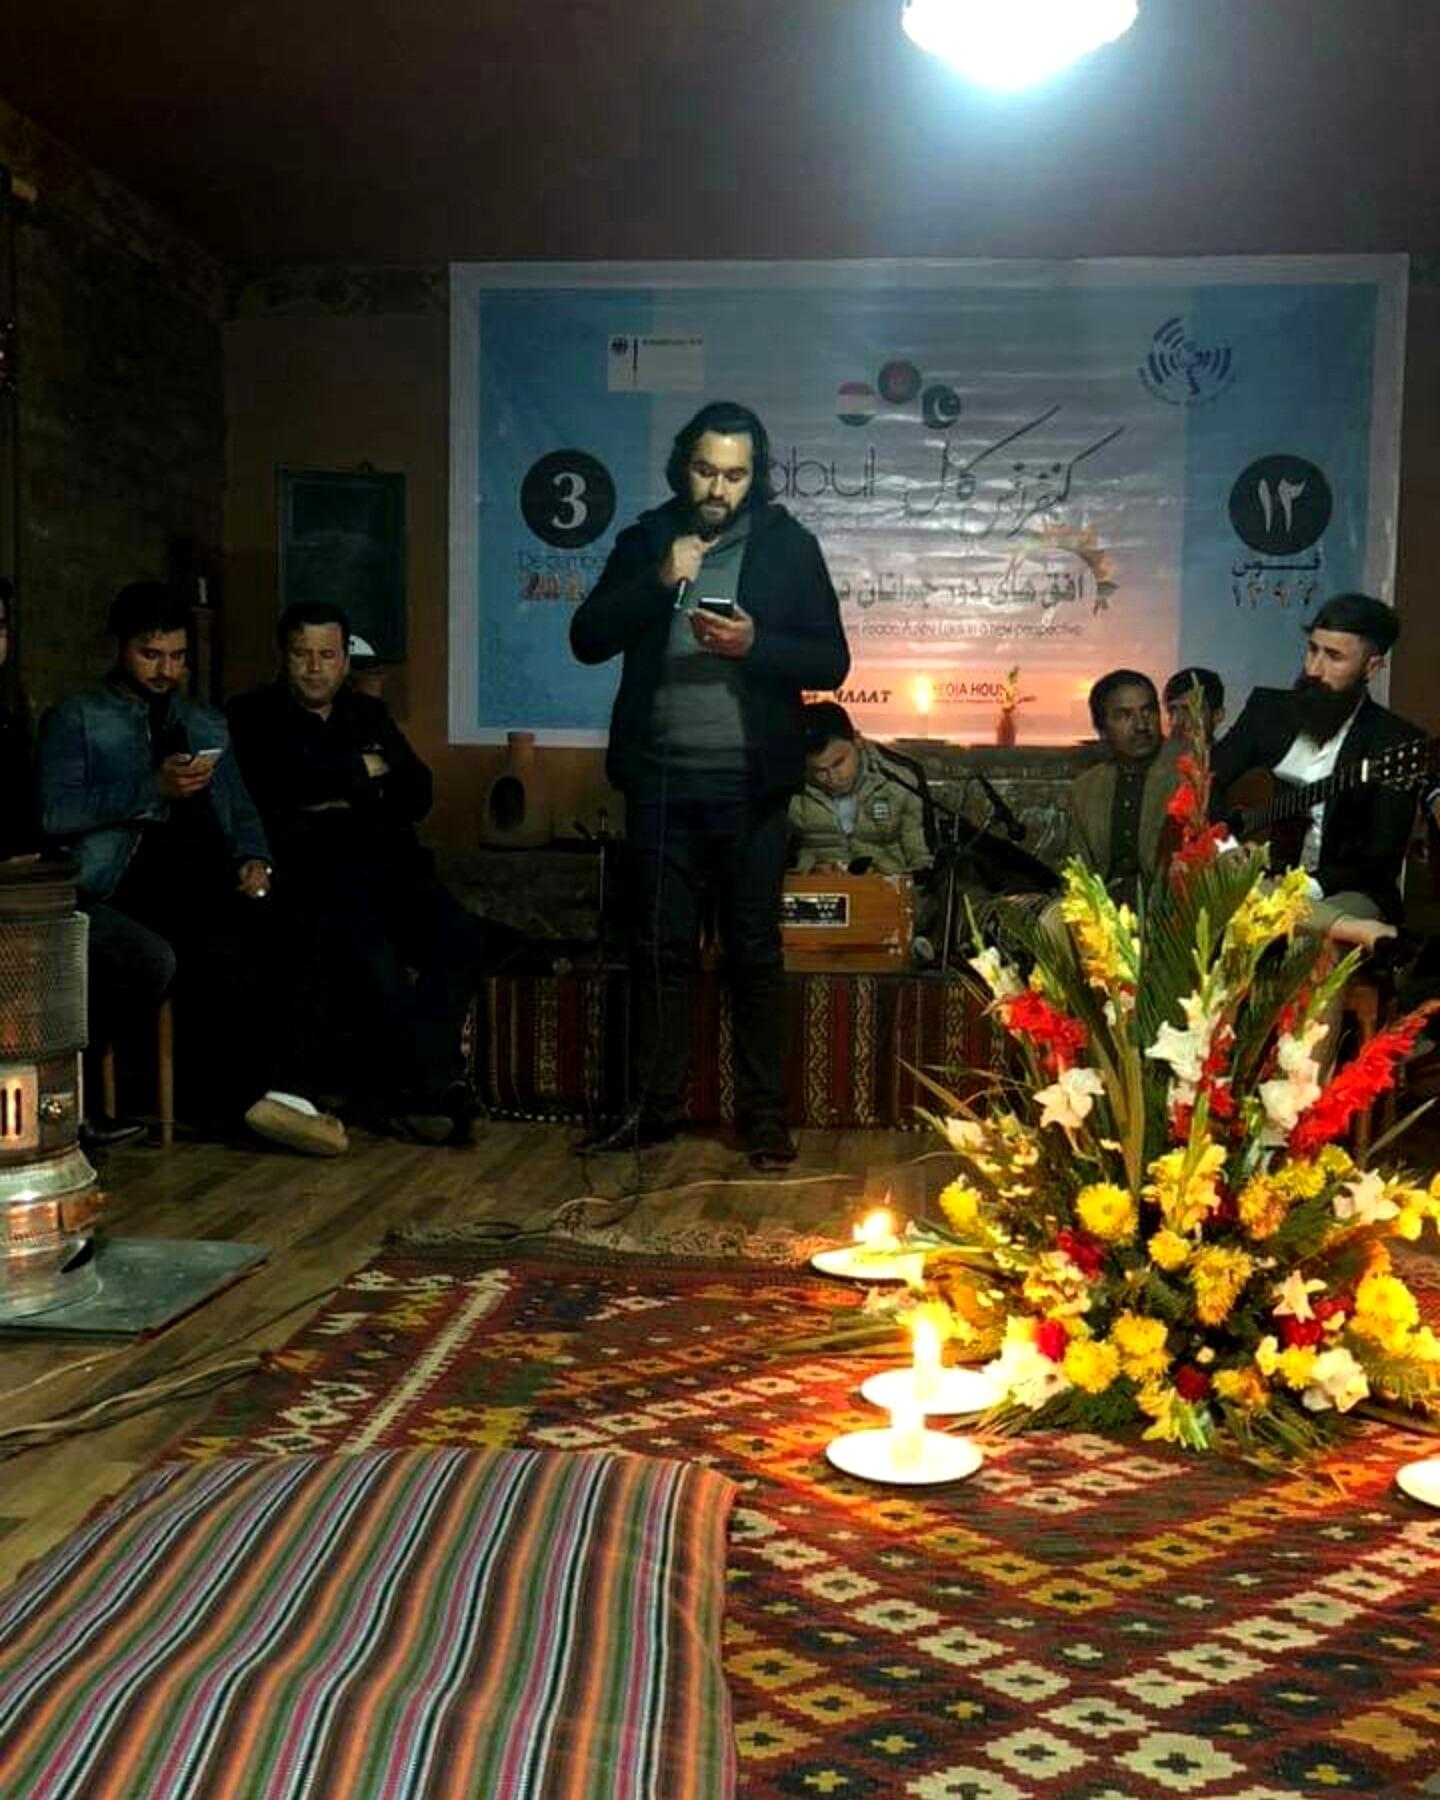 دکلمه احمد محمود امپراطور در مجلس نای و نوا در مرکز میدیوتیک افغانستان